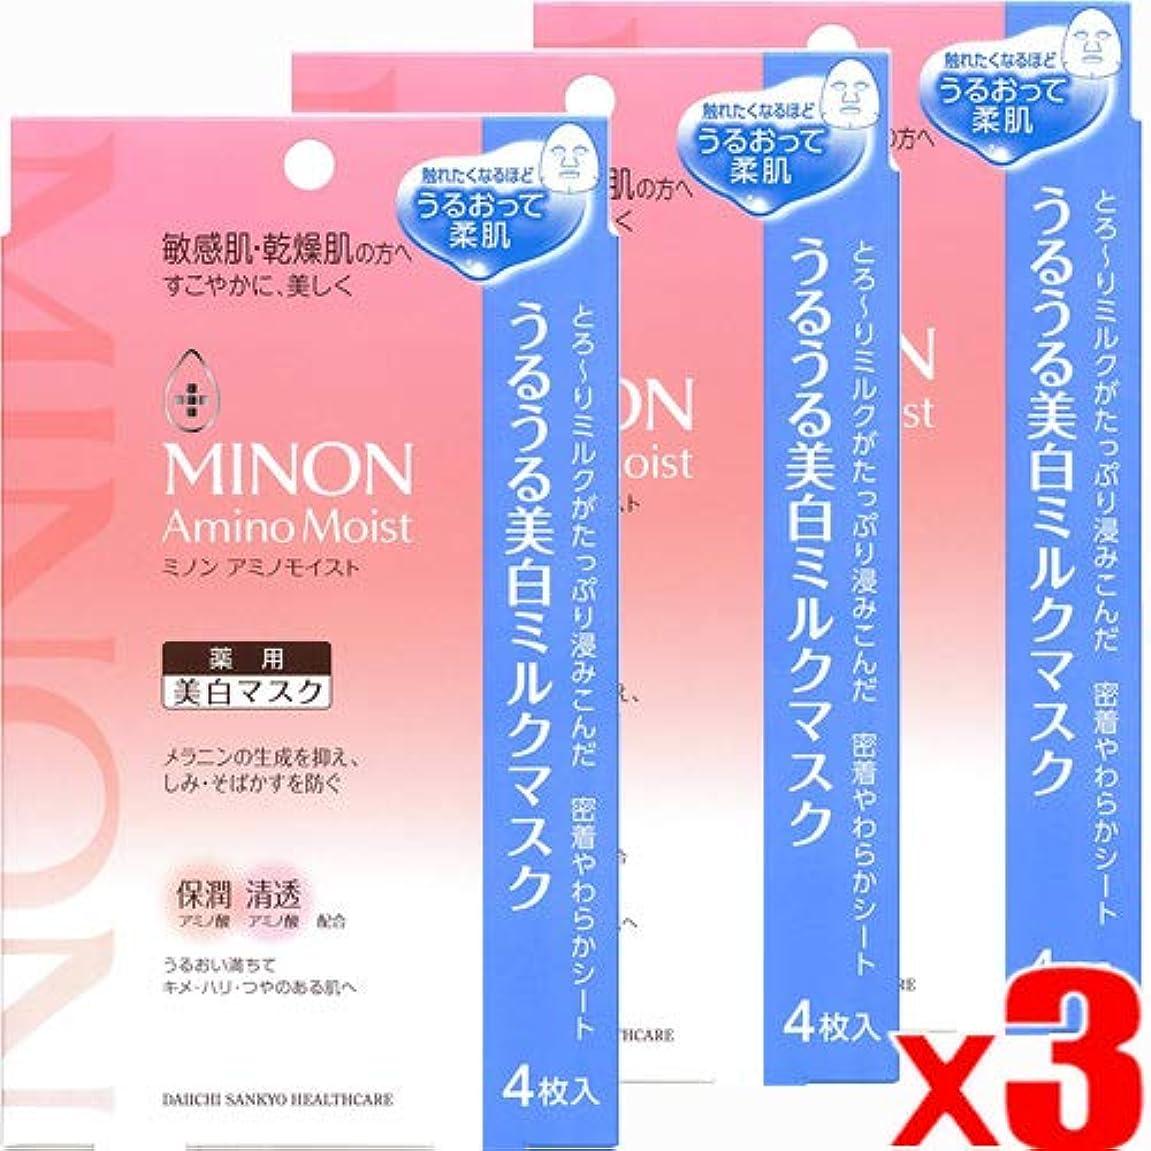 【3箱】ミノン アミノモイスト うるうる美白ミルクマスク 20mL×4枚入×4枚入x3箱 (4987107623423-3)